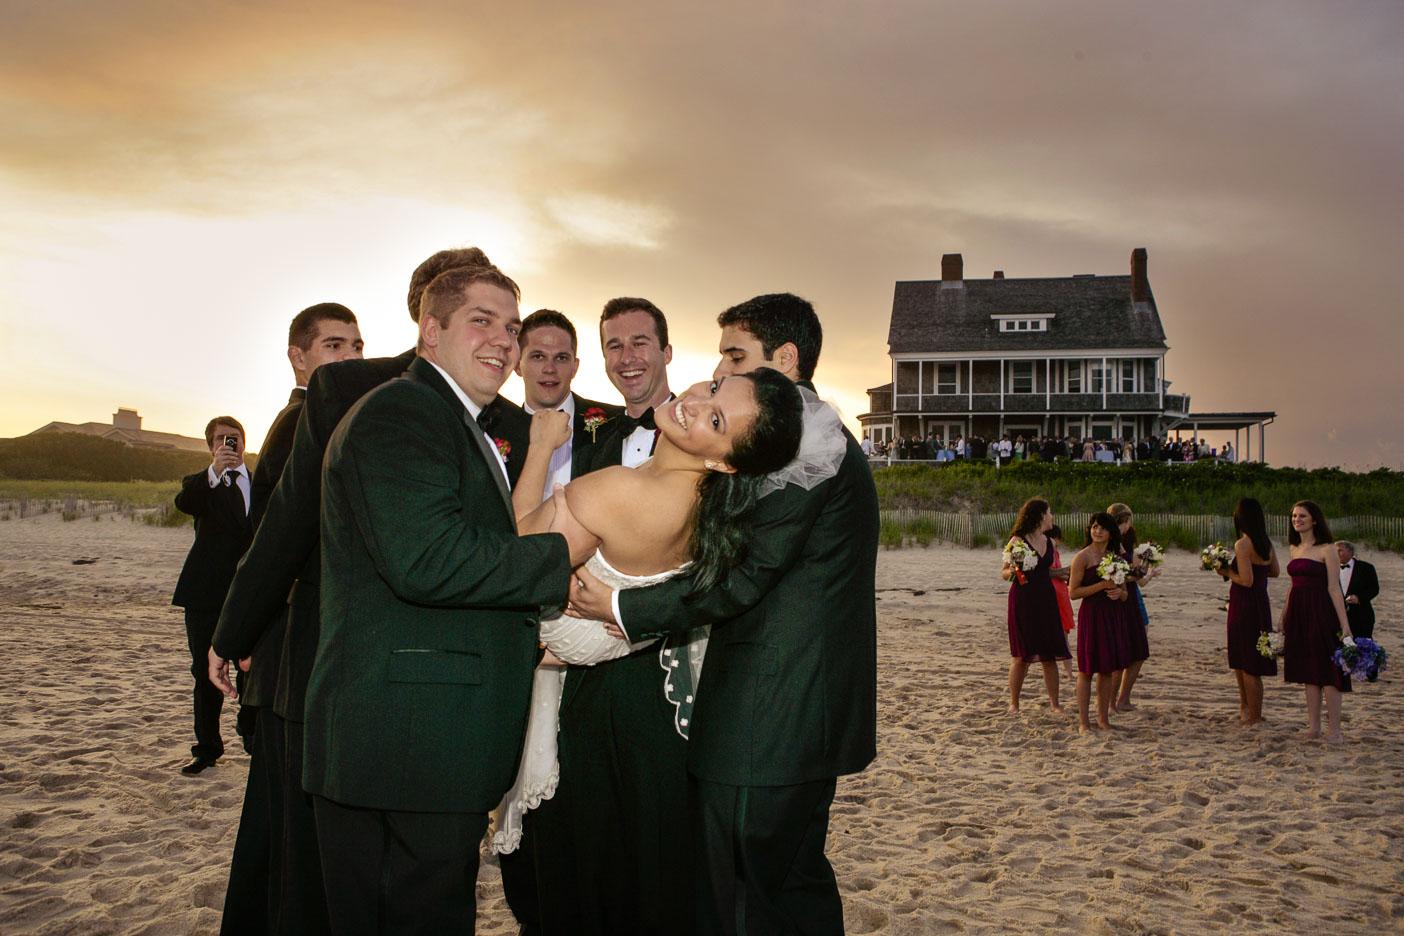 Hamptons-wedding-beach-36.jpg